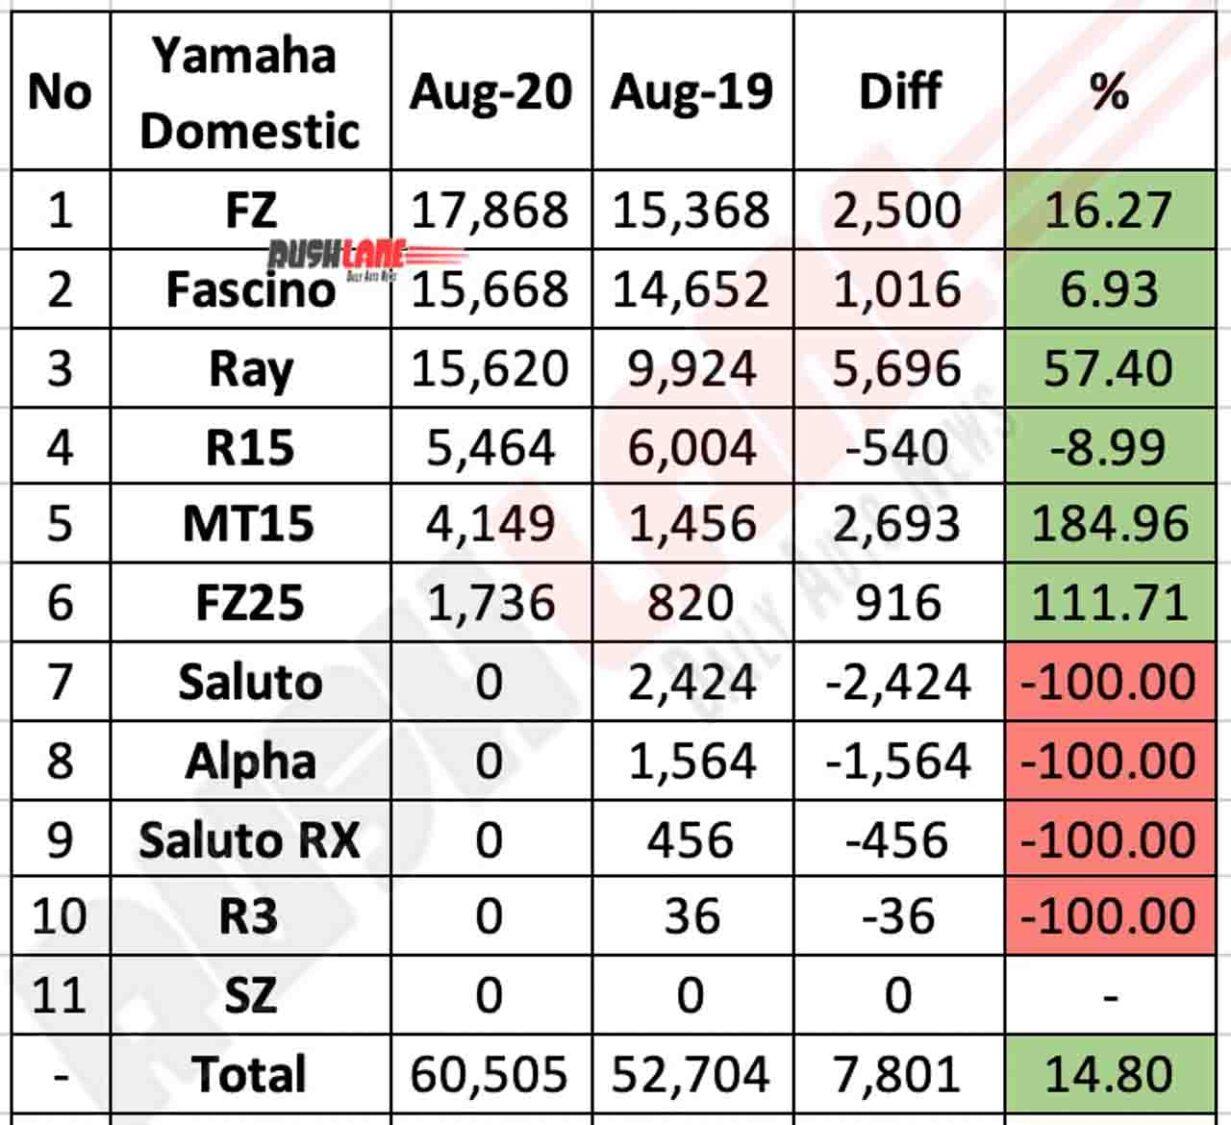 Yamaha Domestic Sales Aug 2020